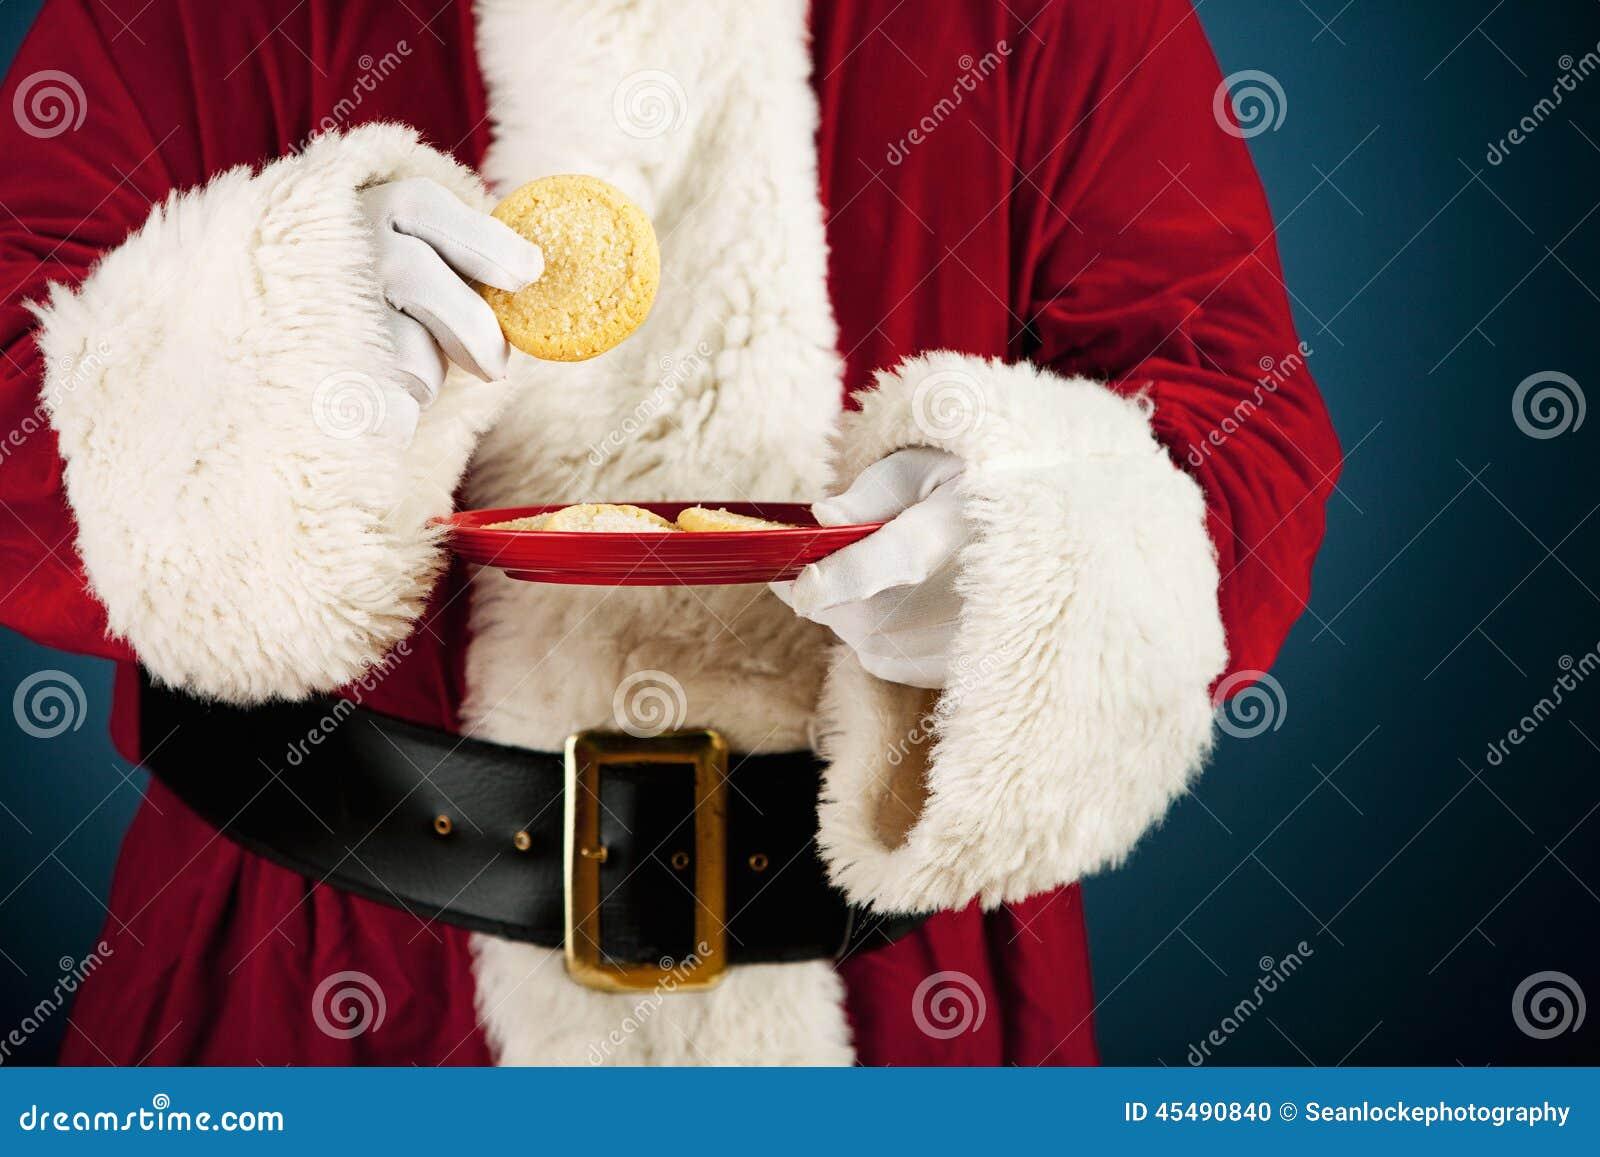 圣诞老人:食用糖屑曲奇饼快餐